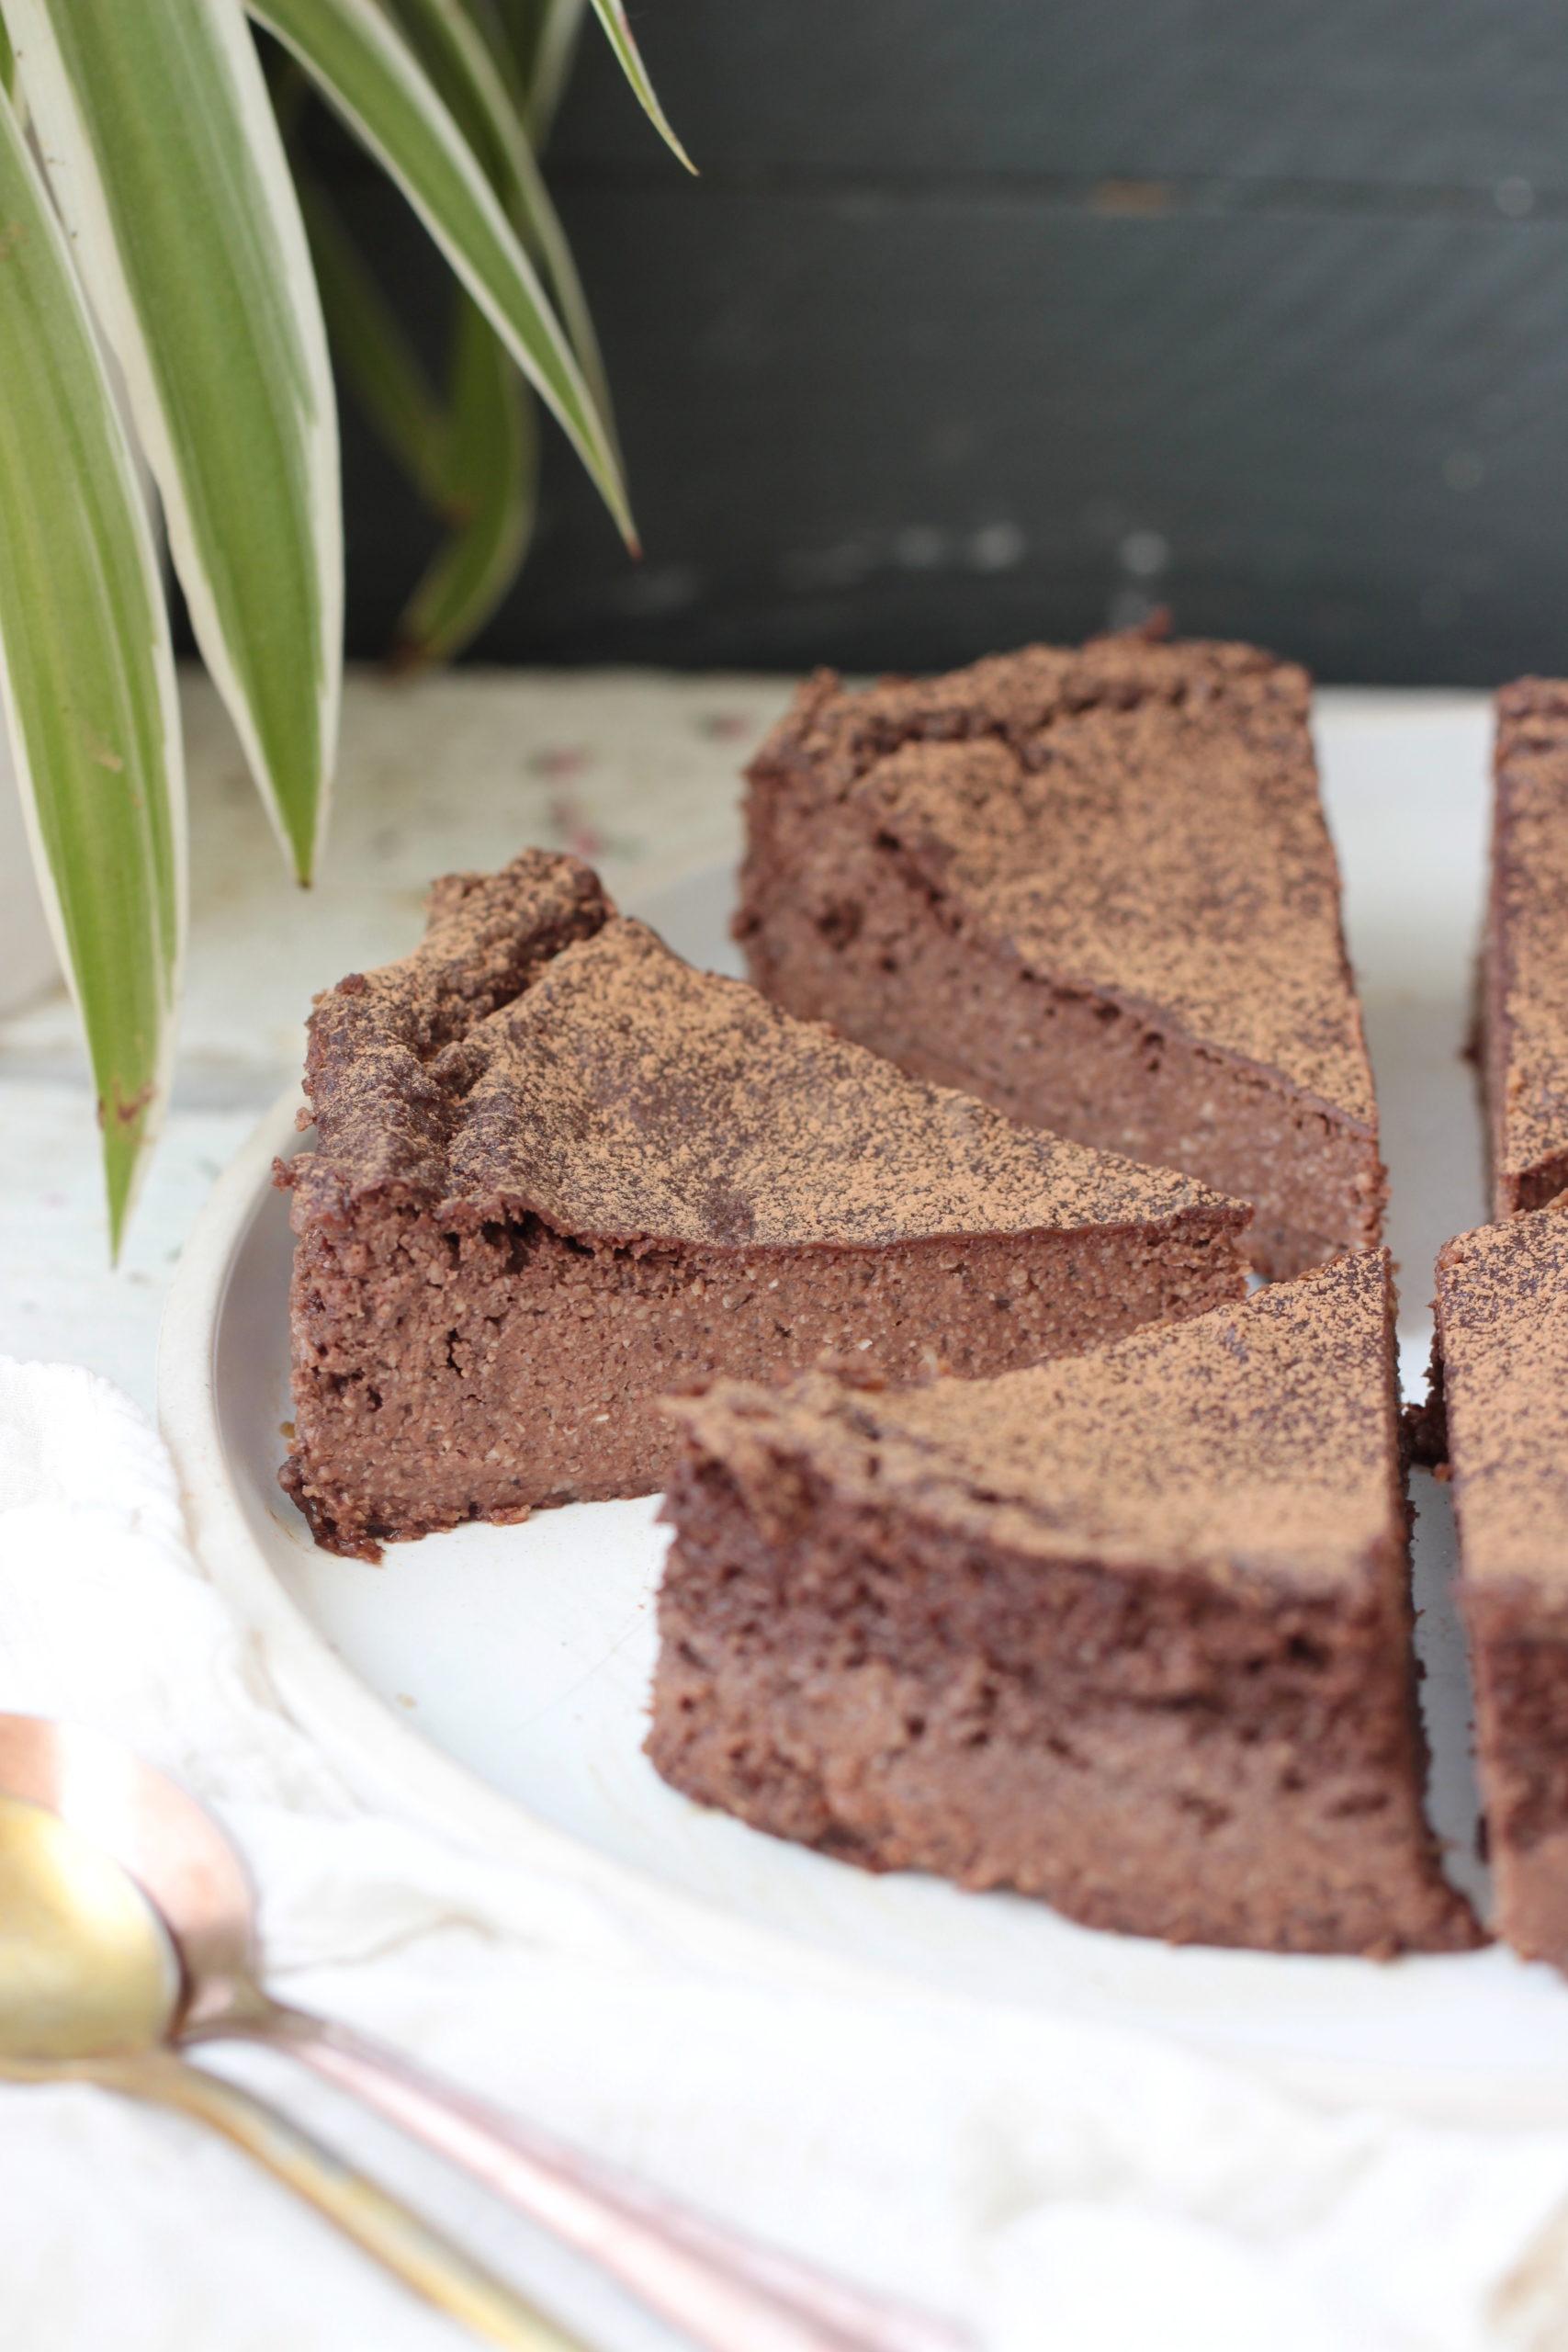 Flanfondant banane chocolat & noisette (vegan, sans gluten, sans sucre ajouté)